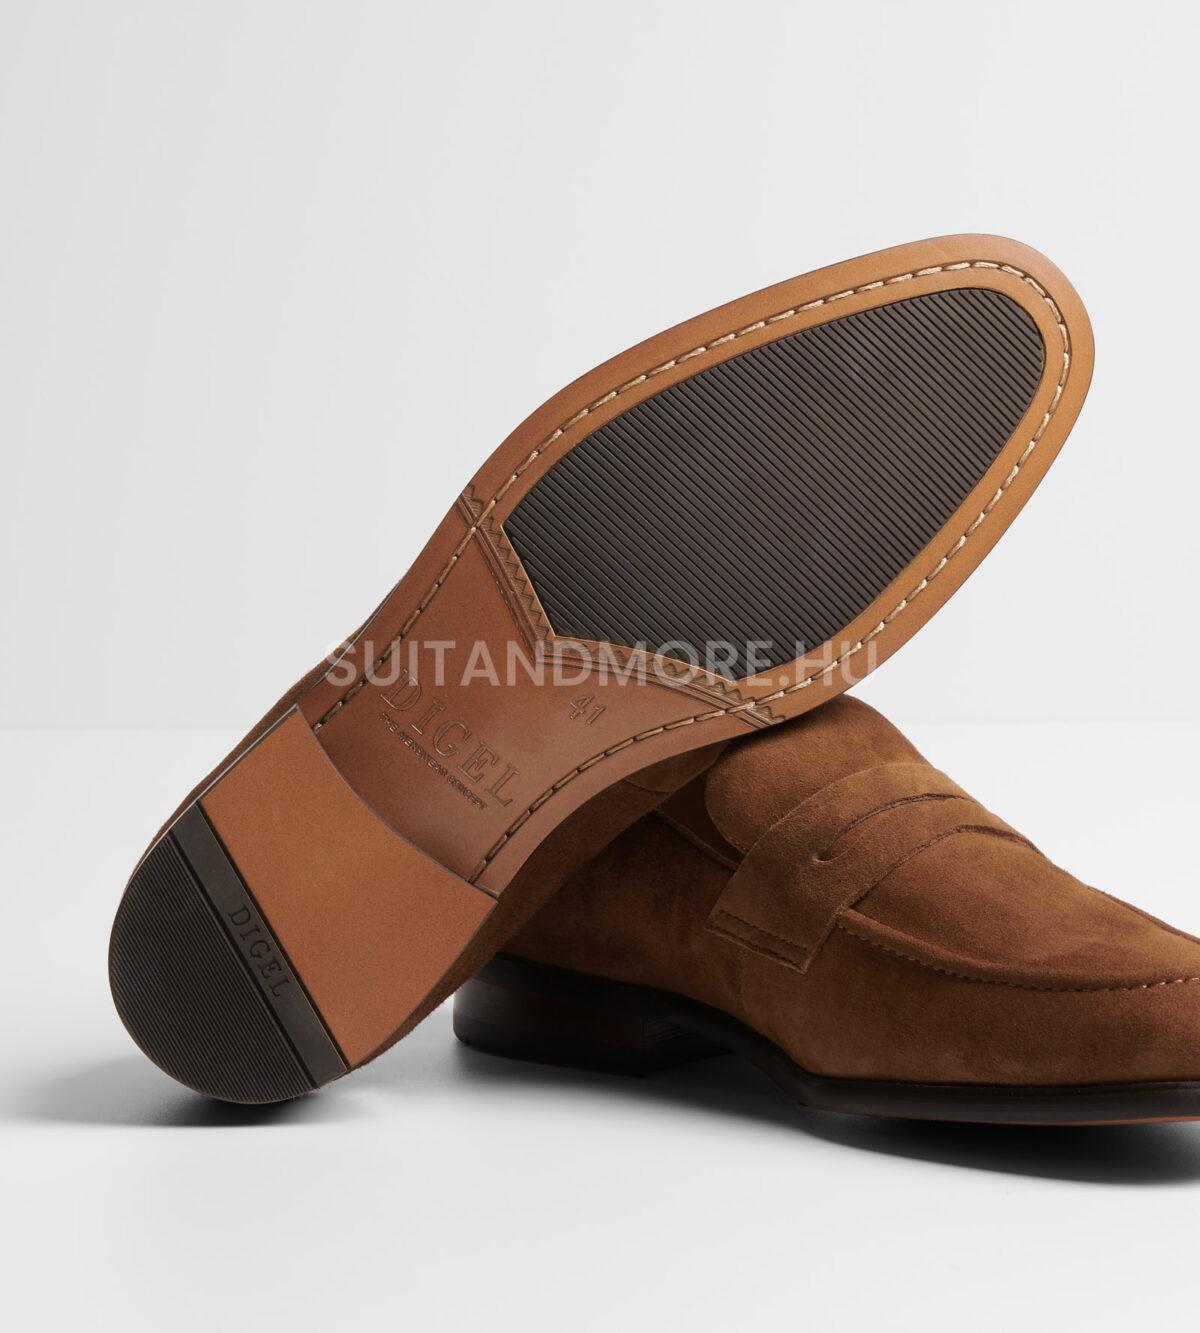 digel-bezs-loafer-cipo-stig-1199708-35